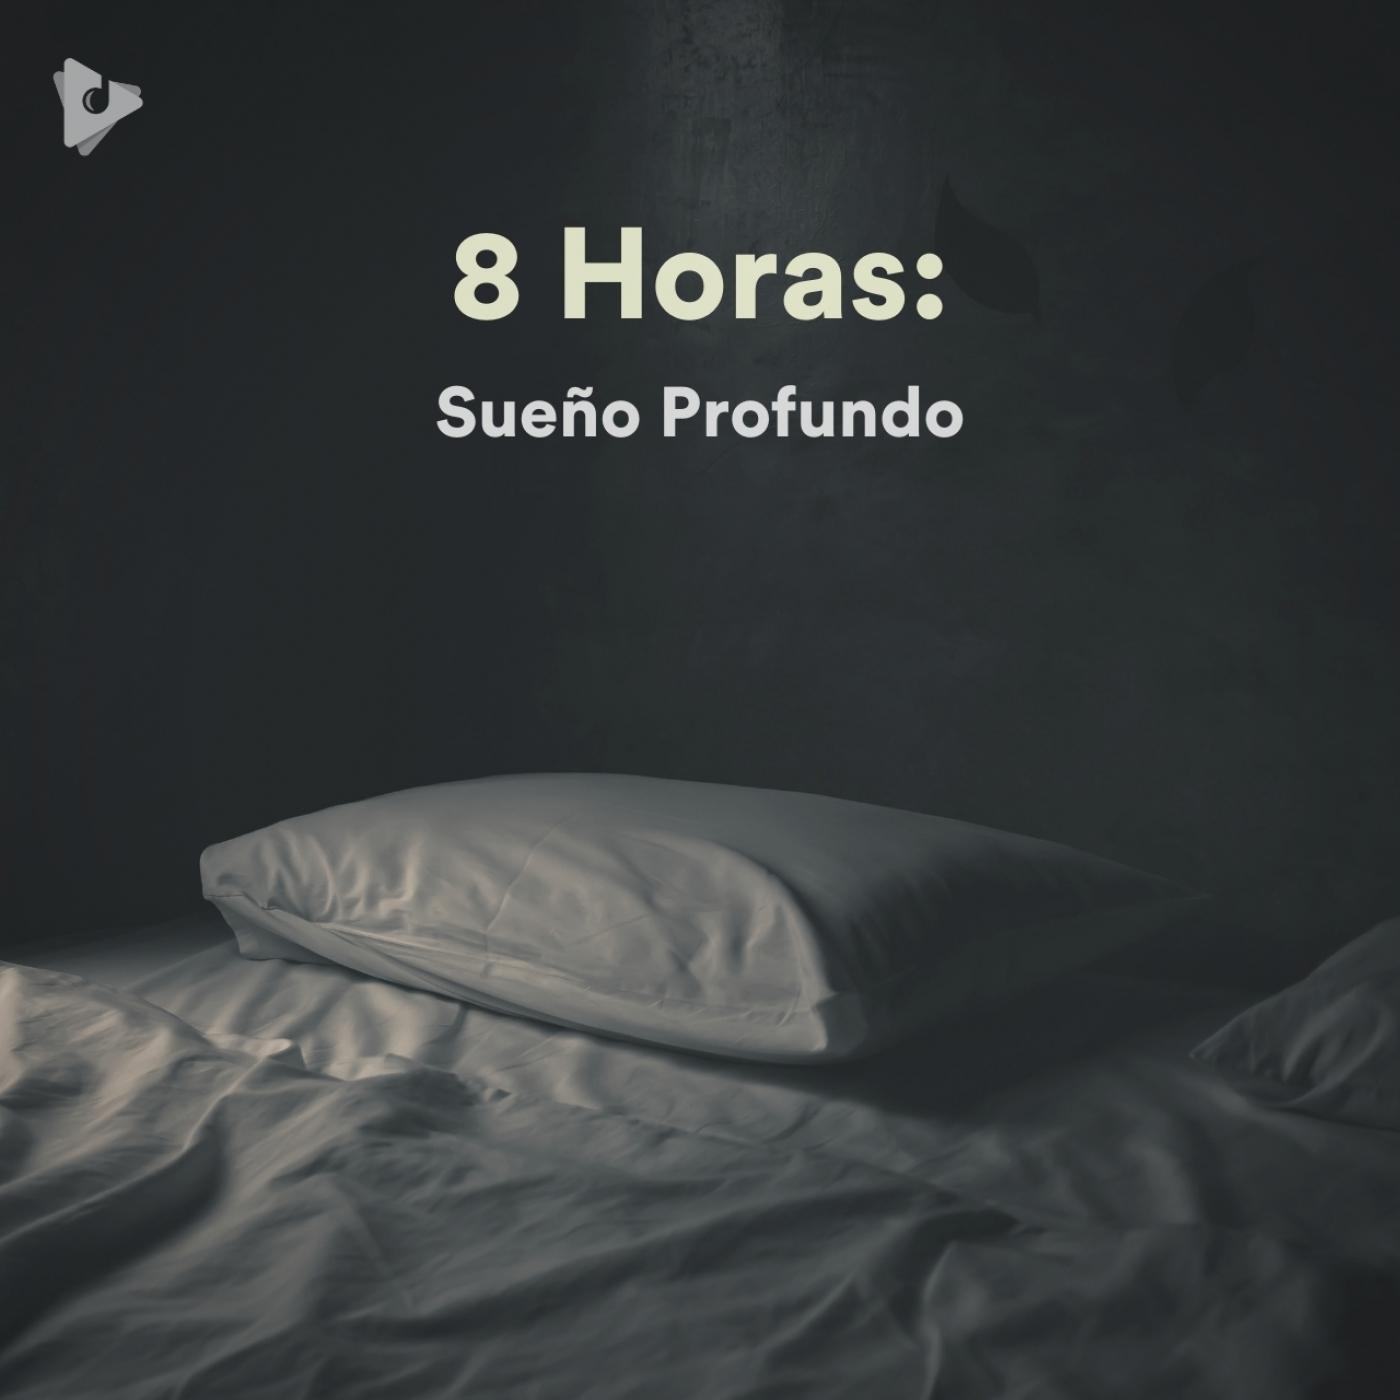 8 Horas: Sueño Profundo